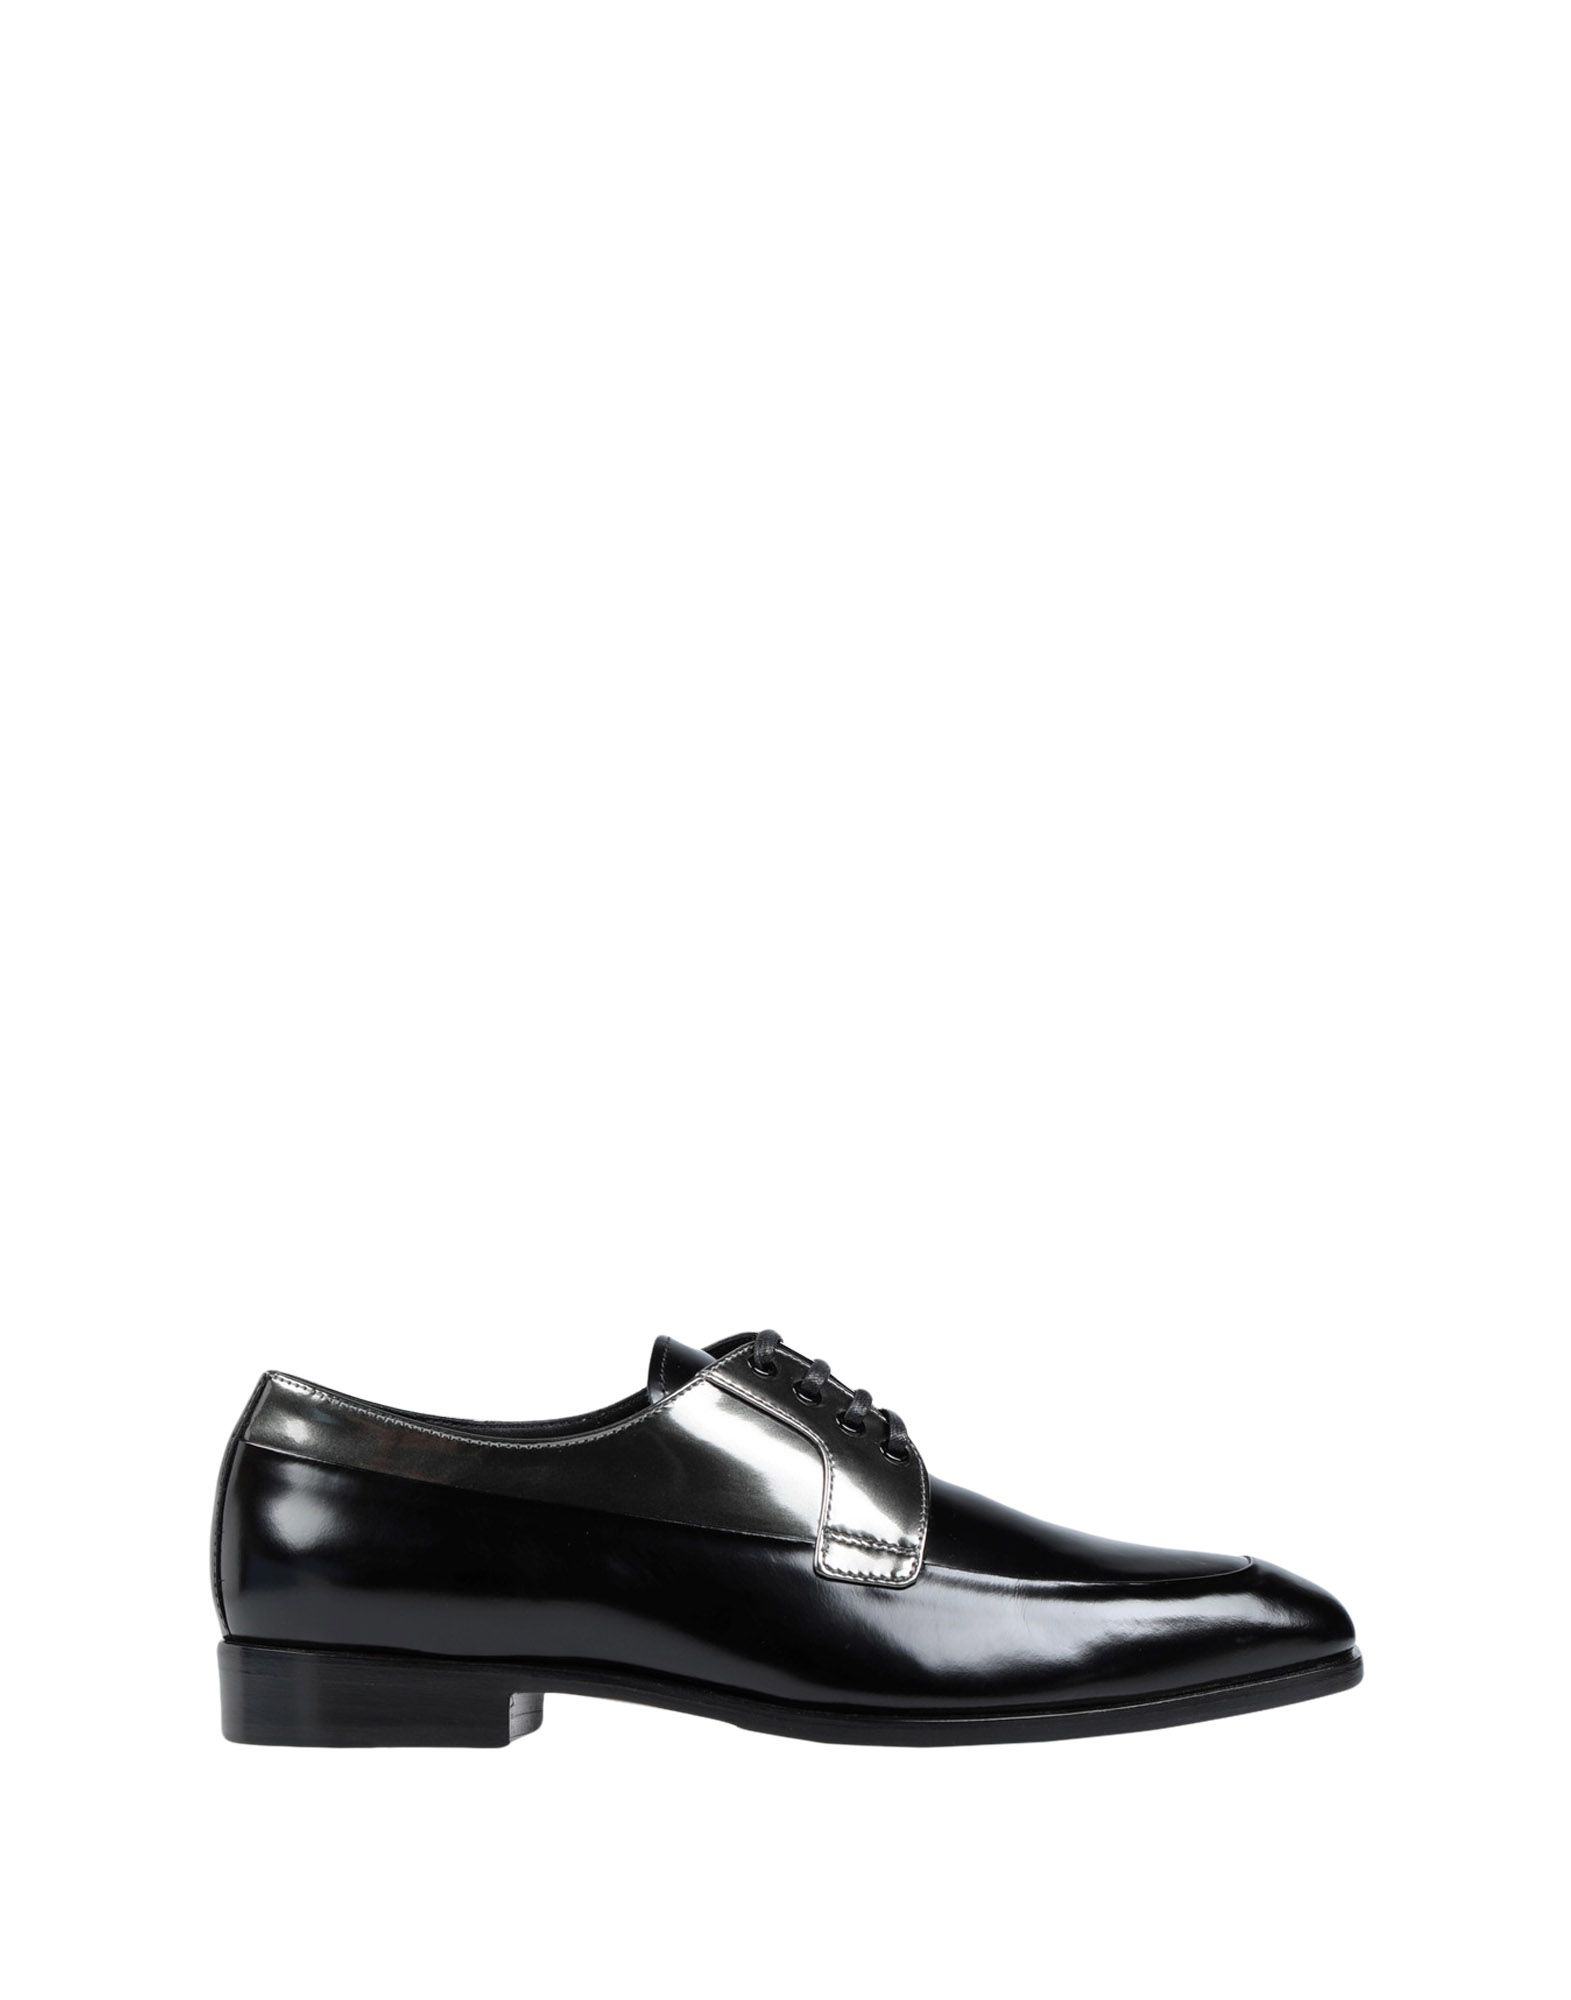 Prada gut Schnürschuhe Damen  11524150UOGünstige gut Prada aussehende Schuhe f079c1